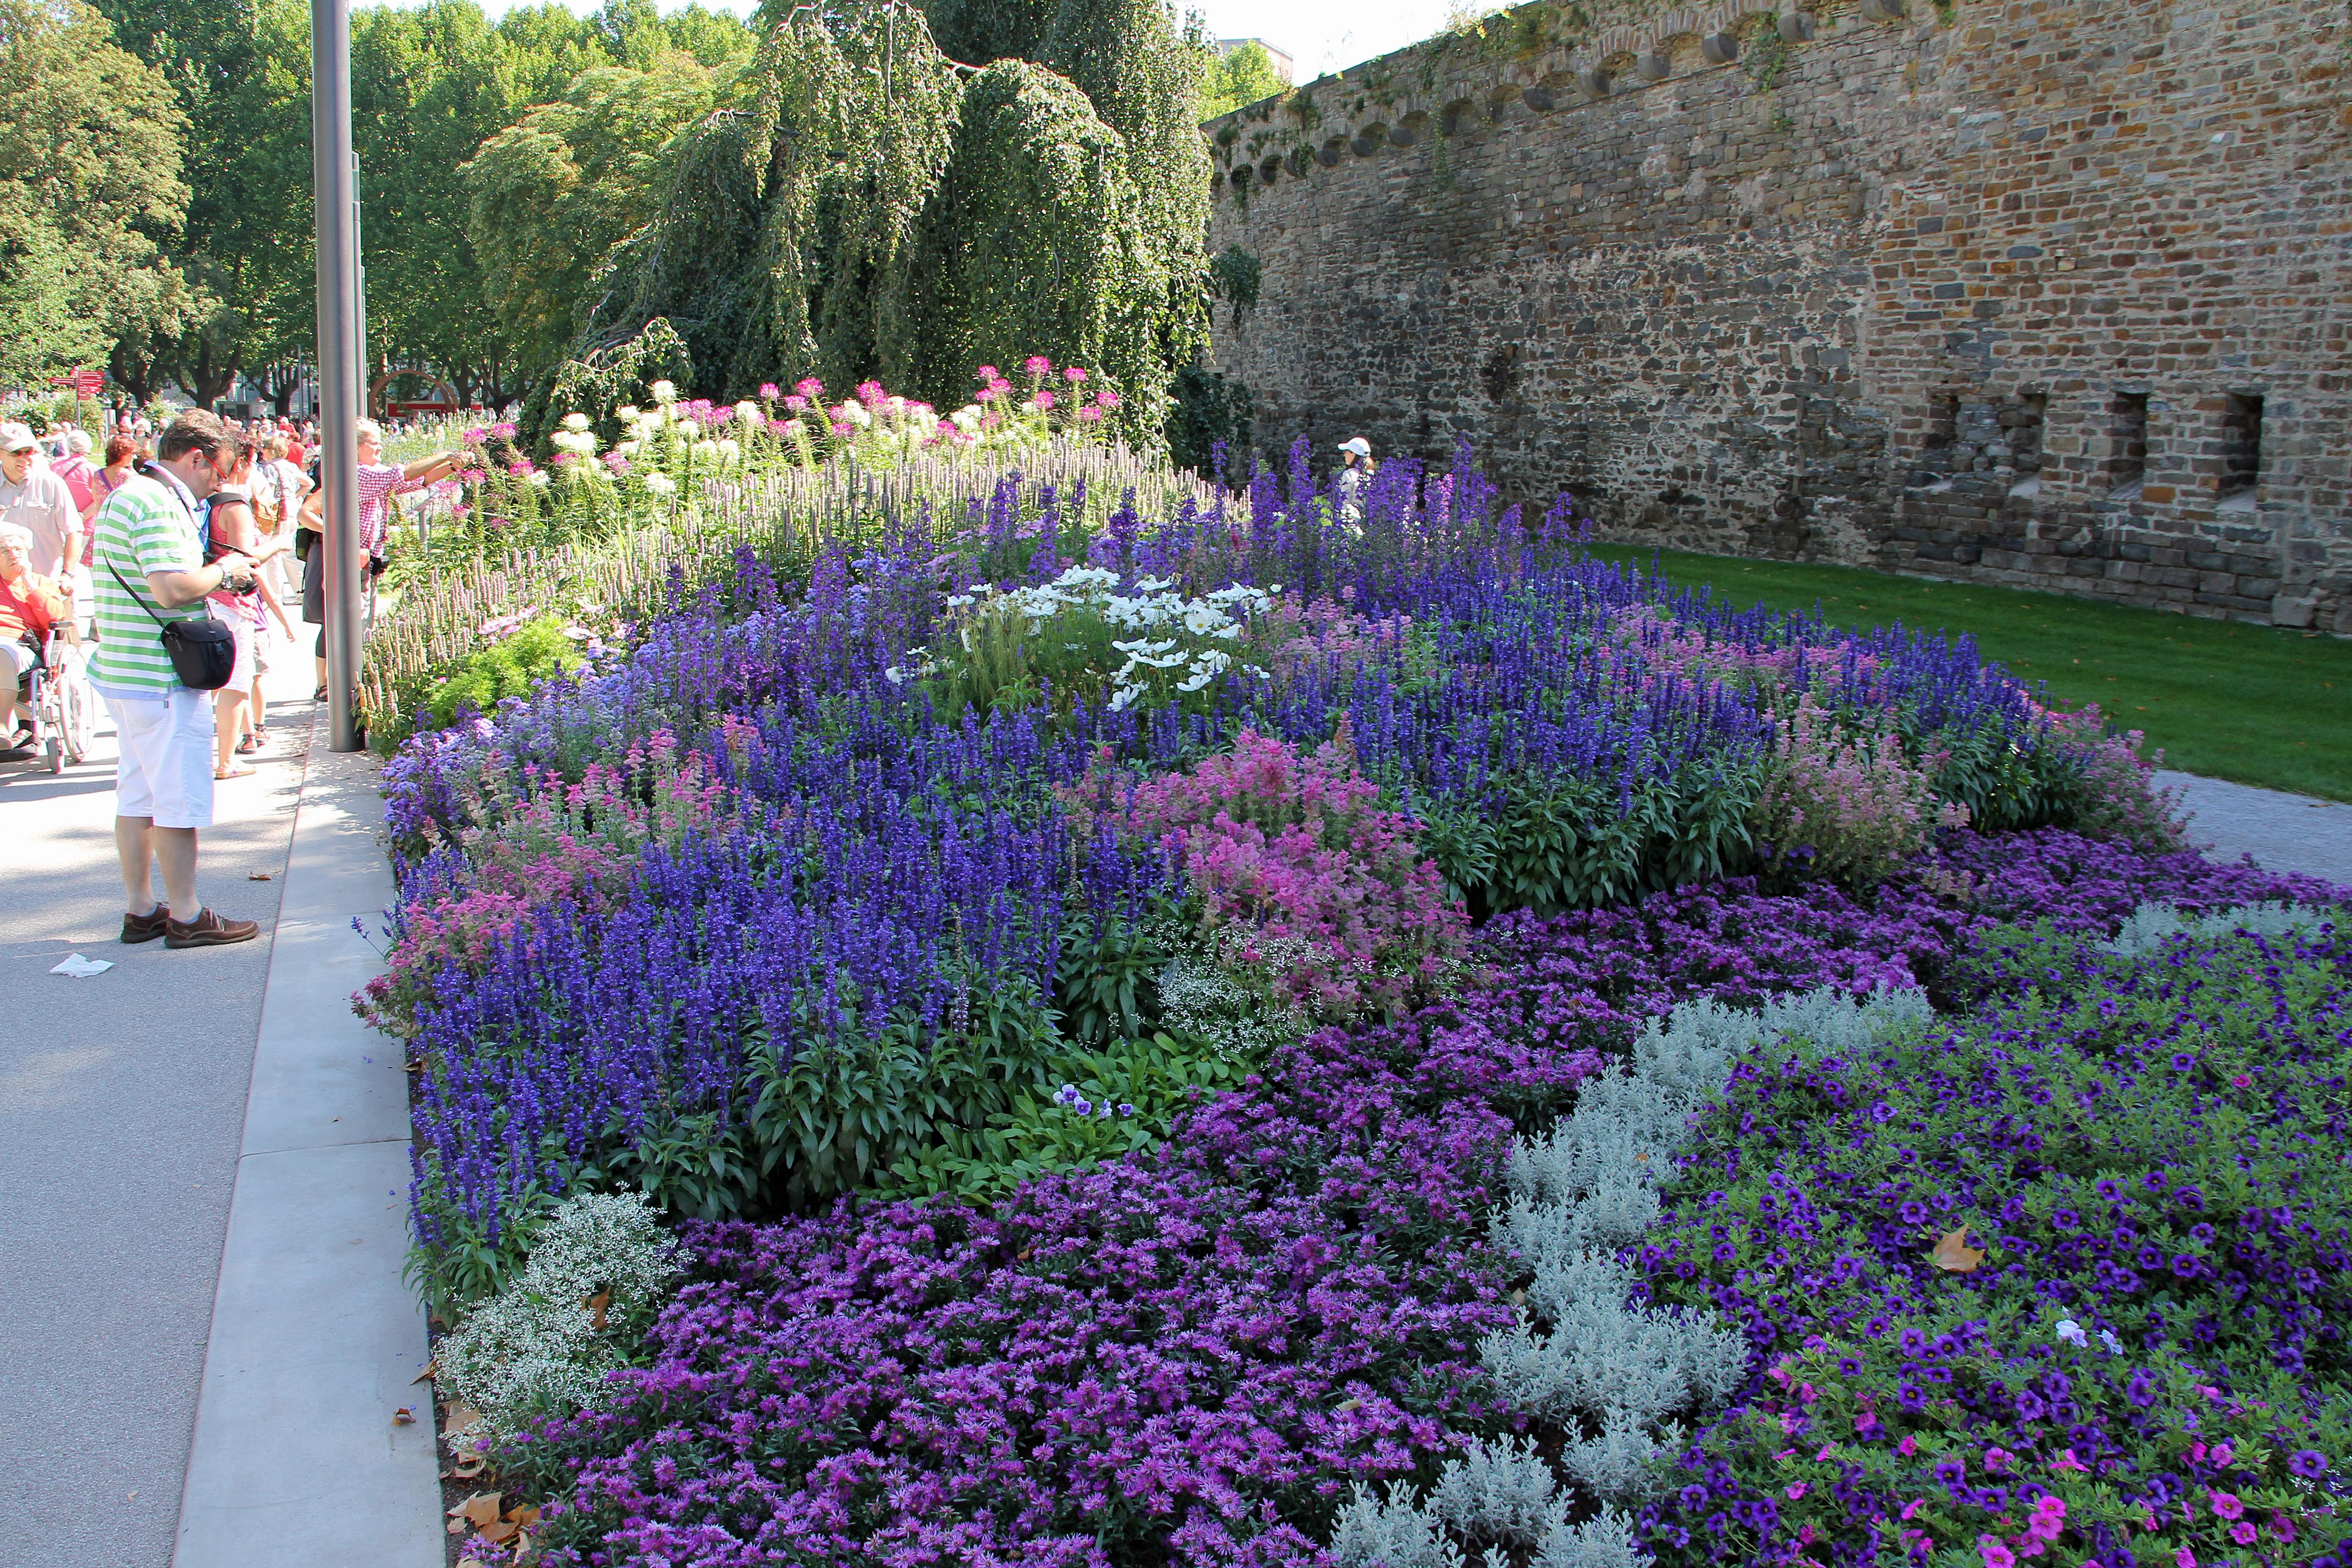 1000 images about gartengestaltung garden design on. Black Bedroom Furniture Sets. Home Design Ideas